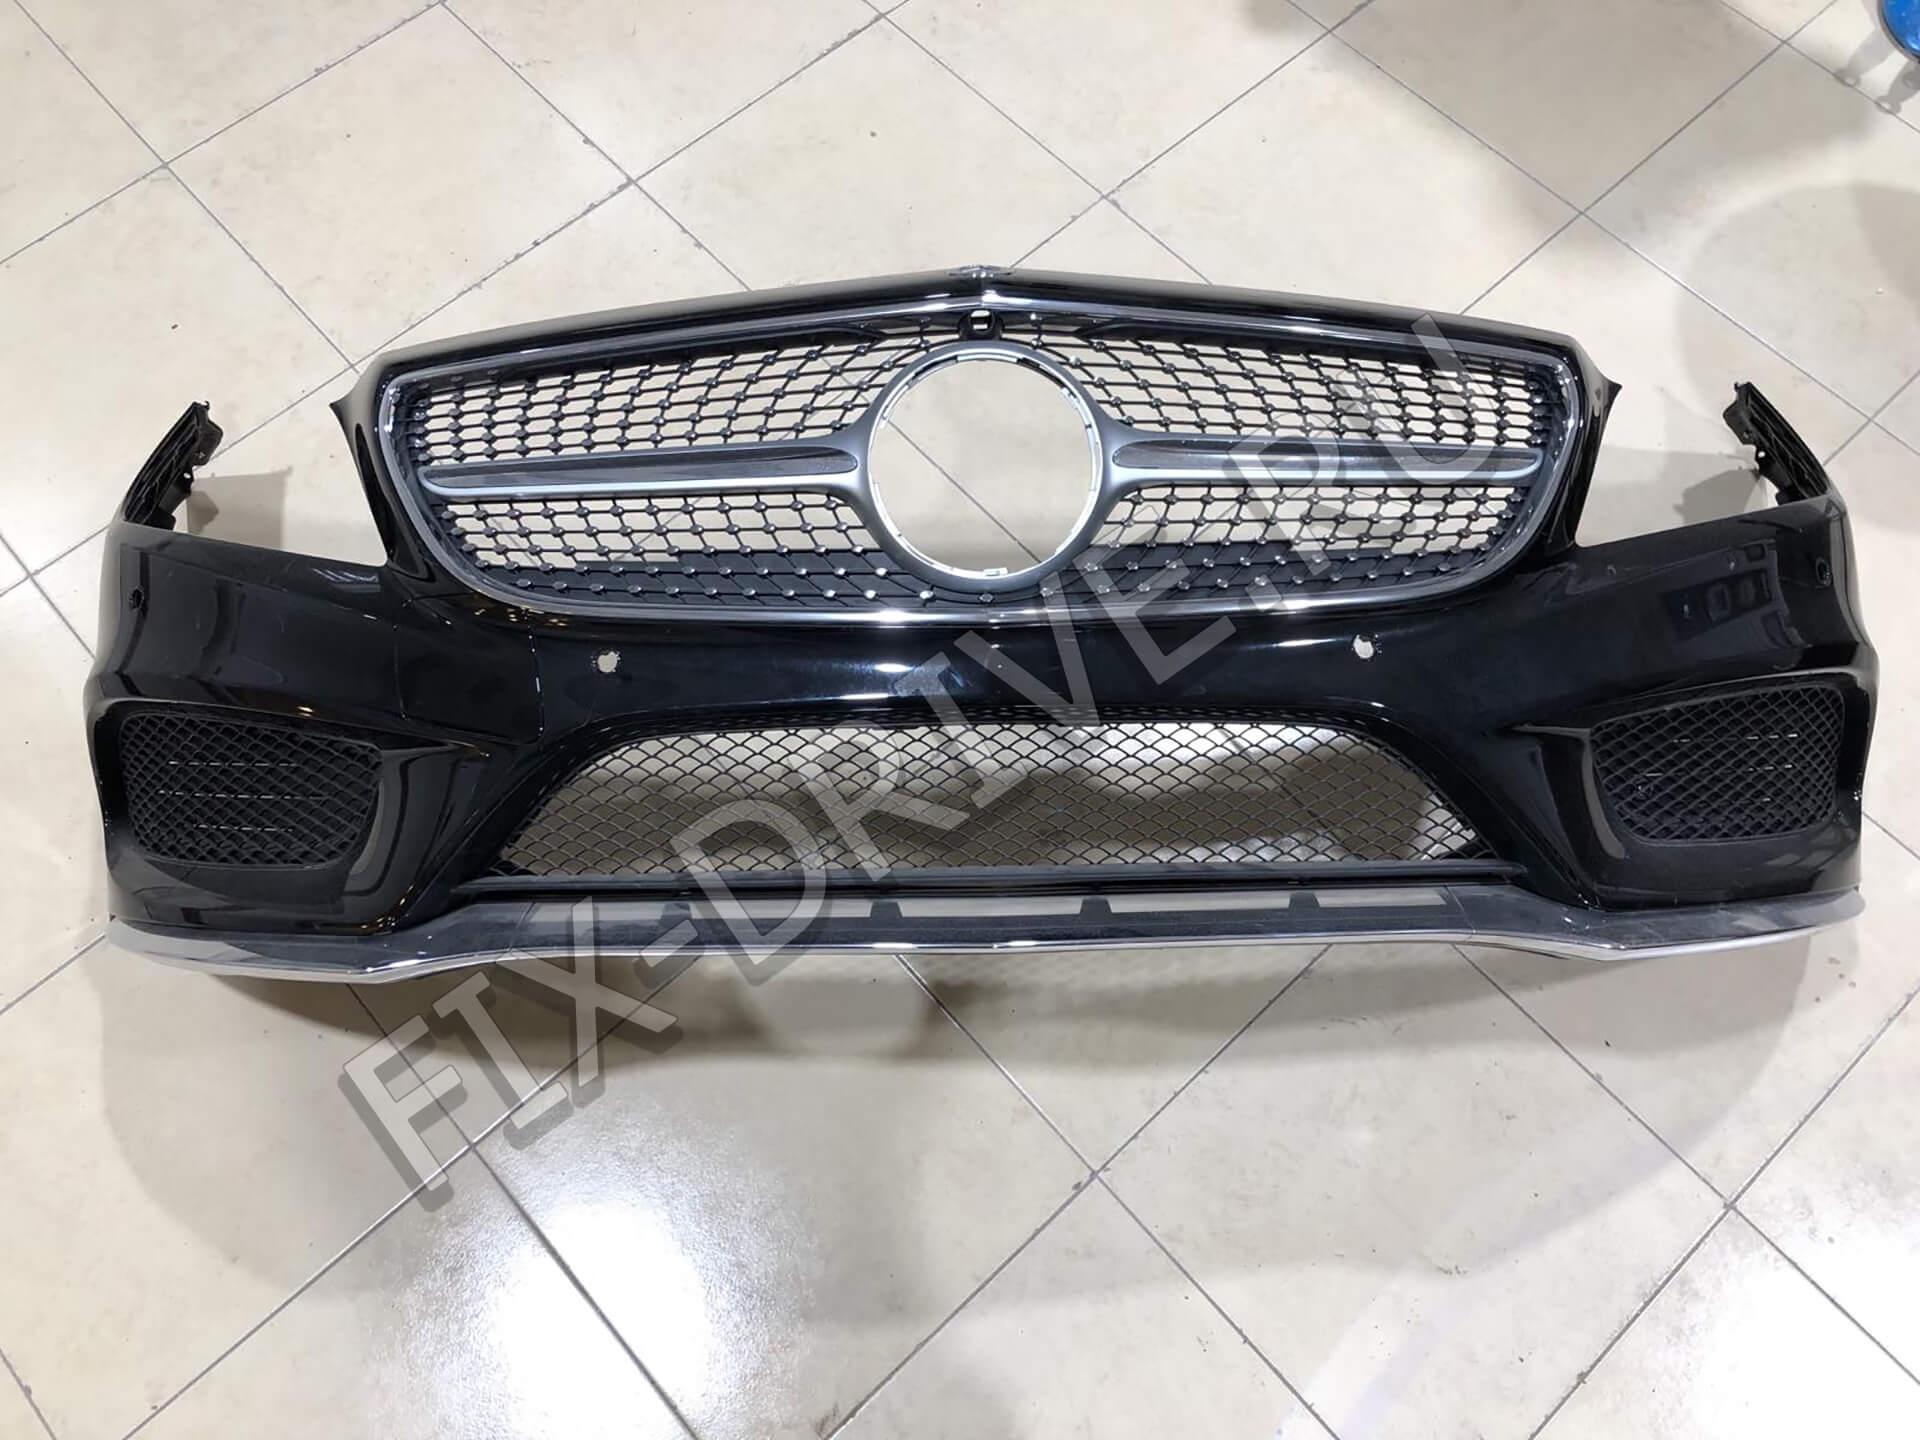 Бампер w218 передний AMG CLS 2015 - 2019 + рестайлинг оригинал